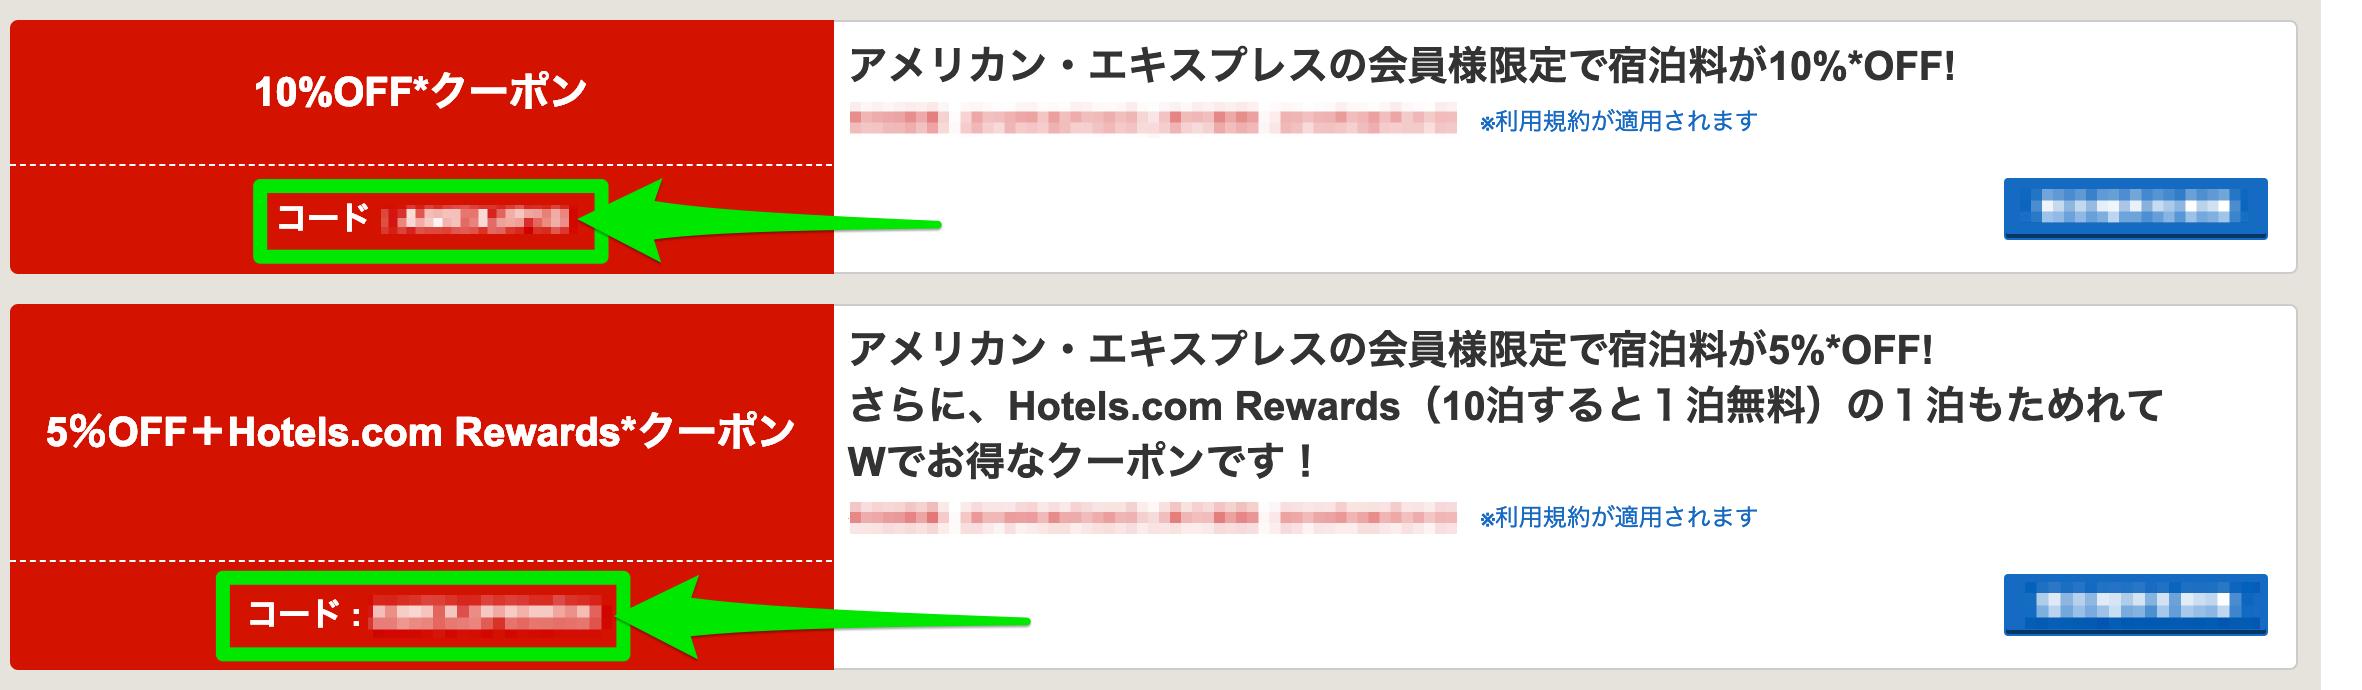 ホテルズドットコム (Hotels.com)の国内・海外ホテル予約5%&10%割引クーポン(アメックス(AMEX)カード会員限定)のクーポンコード